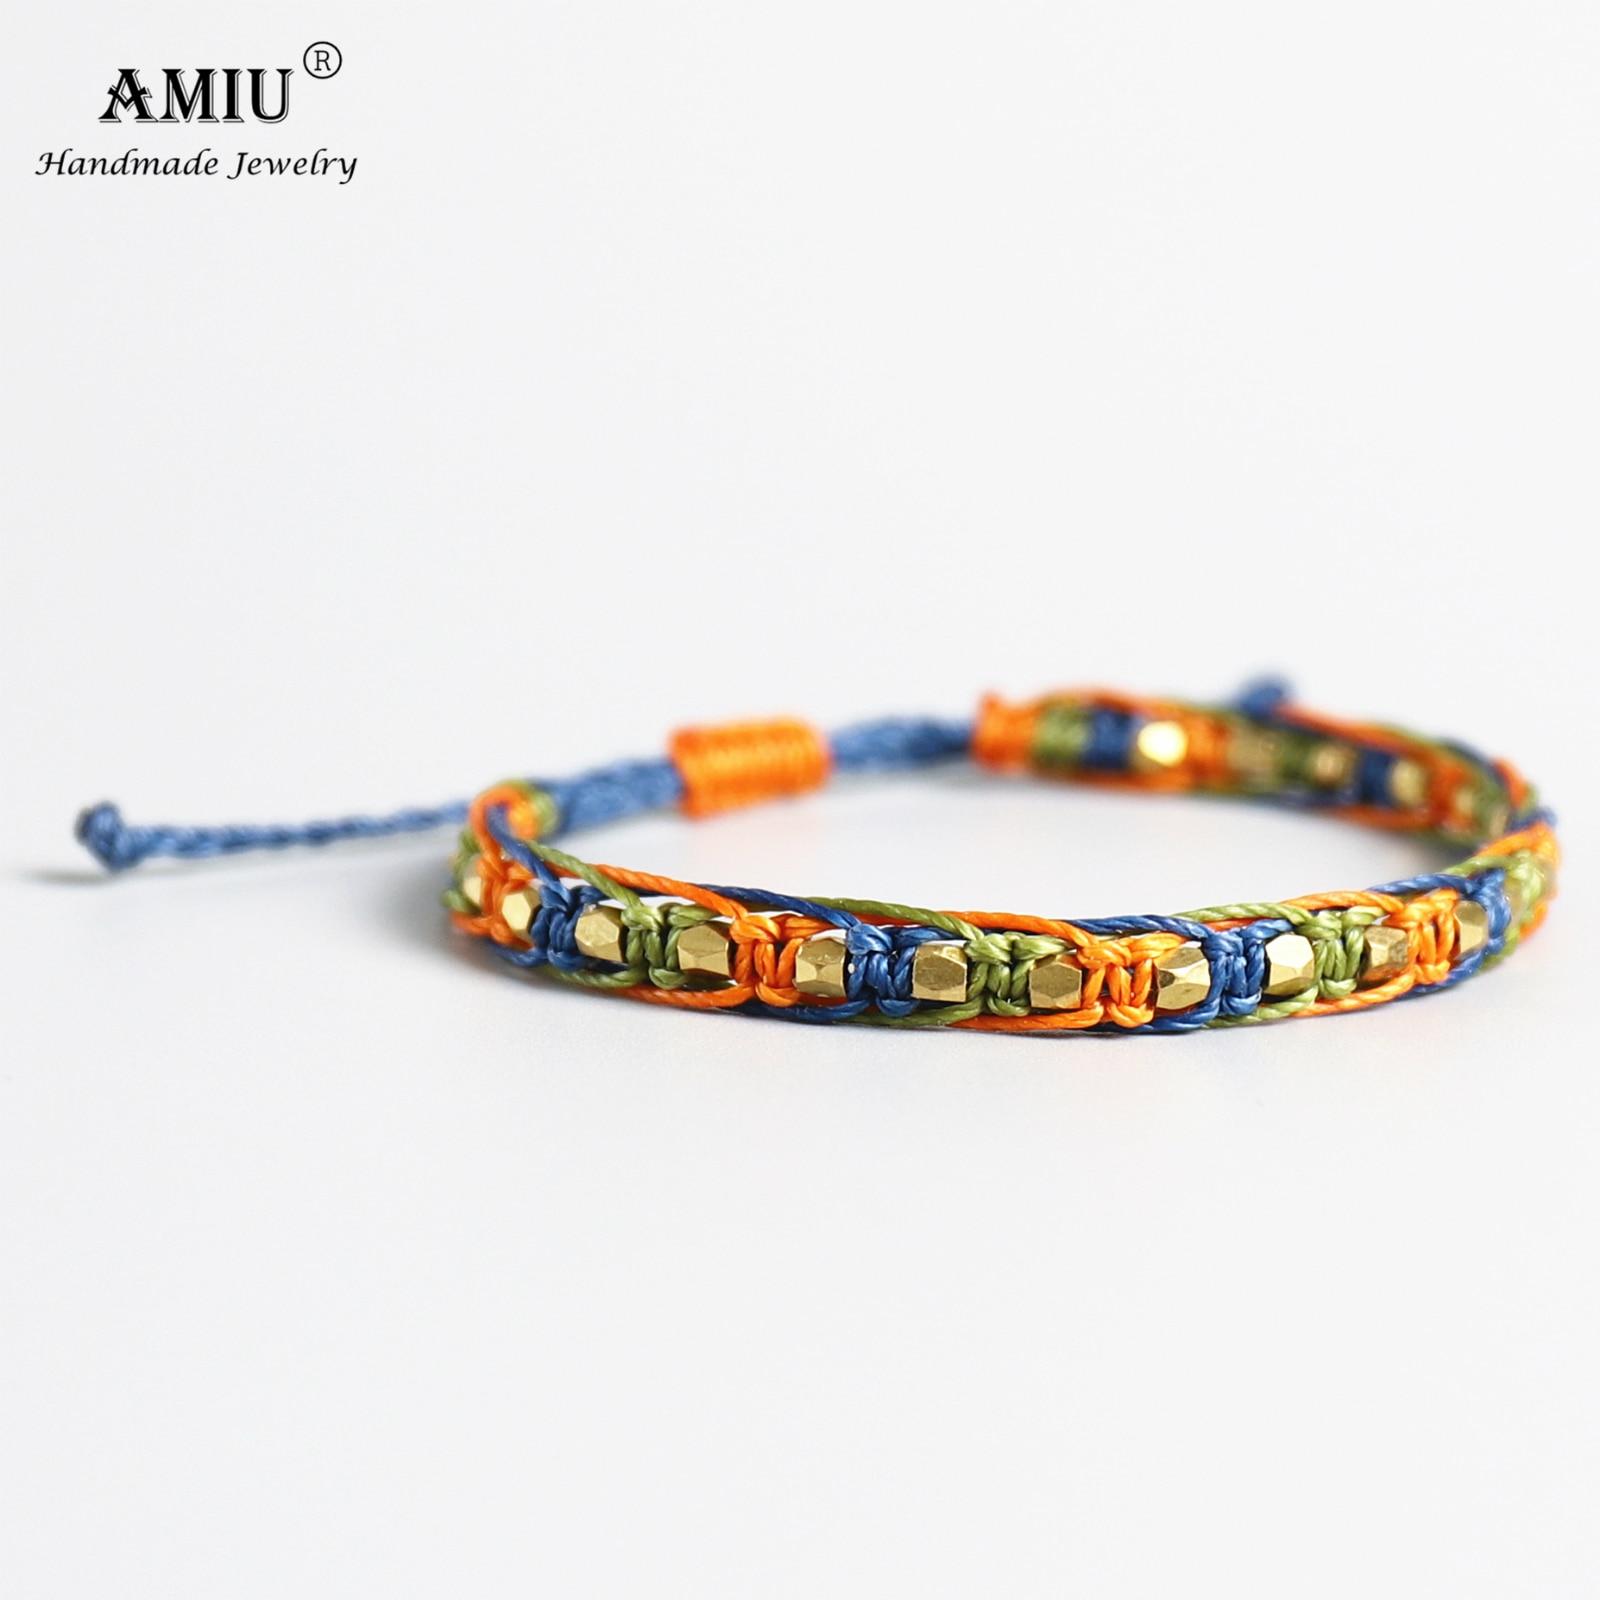 AMIU Handmade Waterproof Wax Thread Copper Bead Lucky Rope Bracelet & Bangles For Women Men Friendship Woven Macrame Bracelets